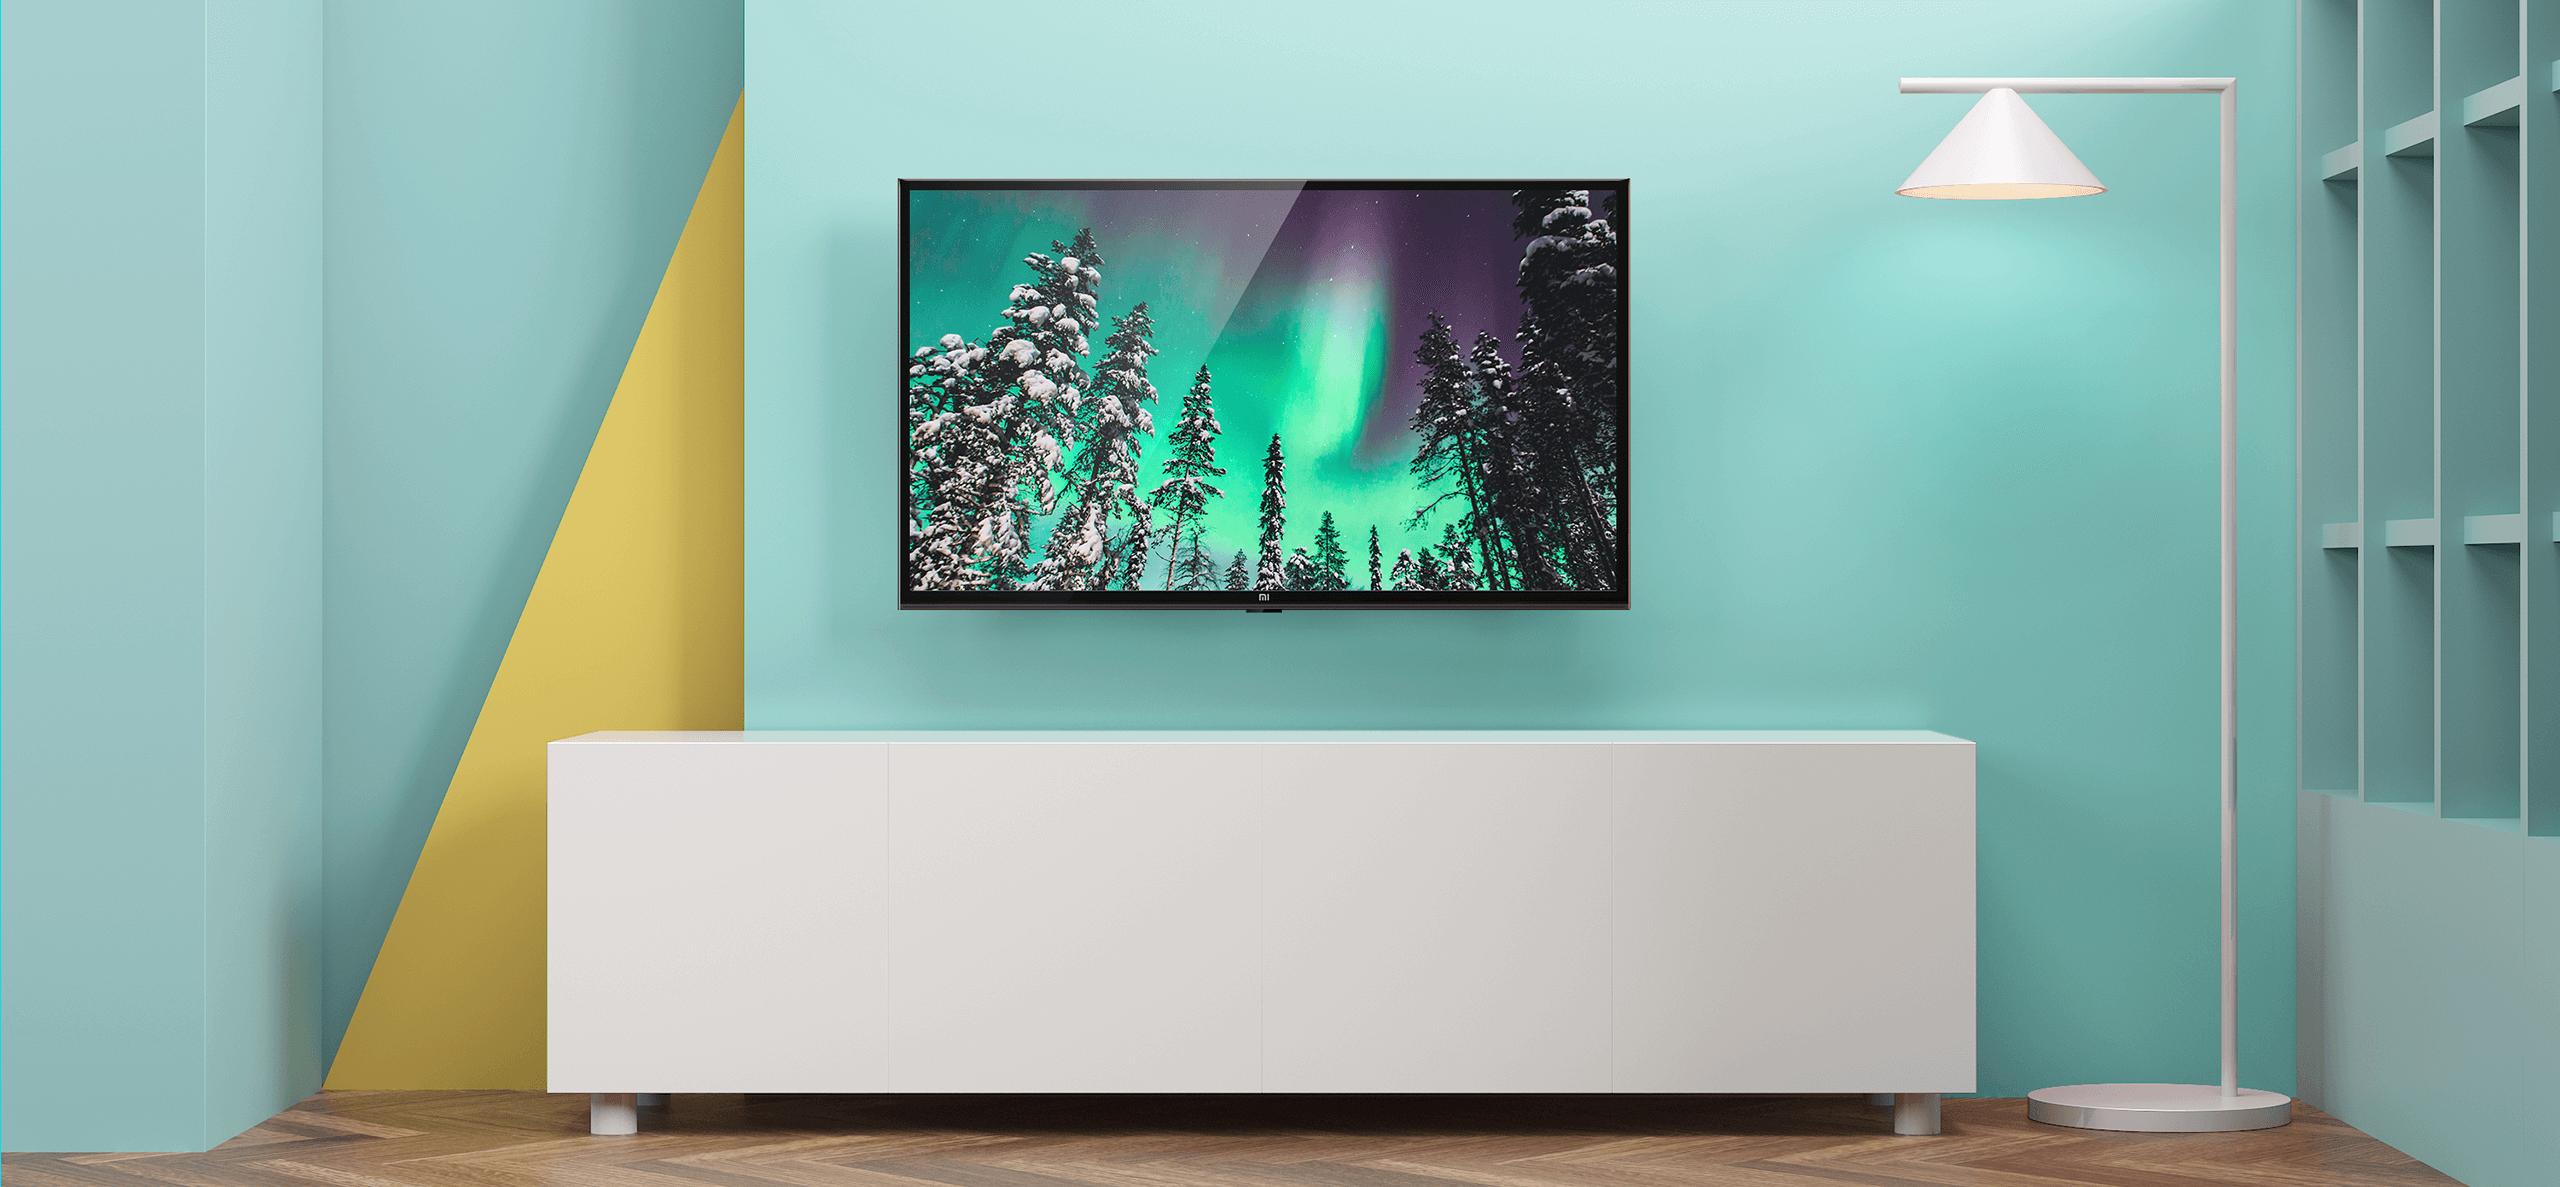 تلفاز شاومي الذكي LED 4A